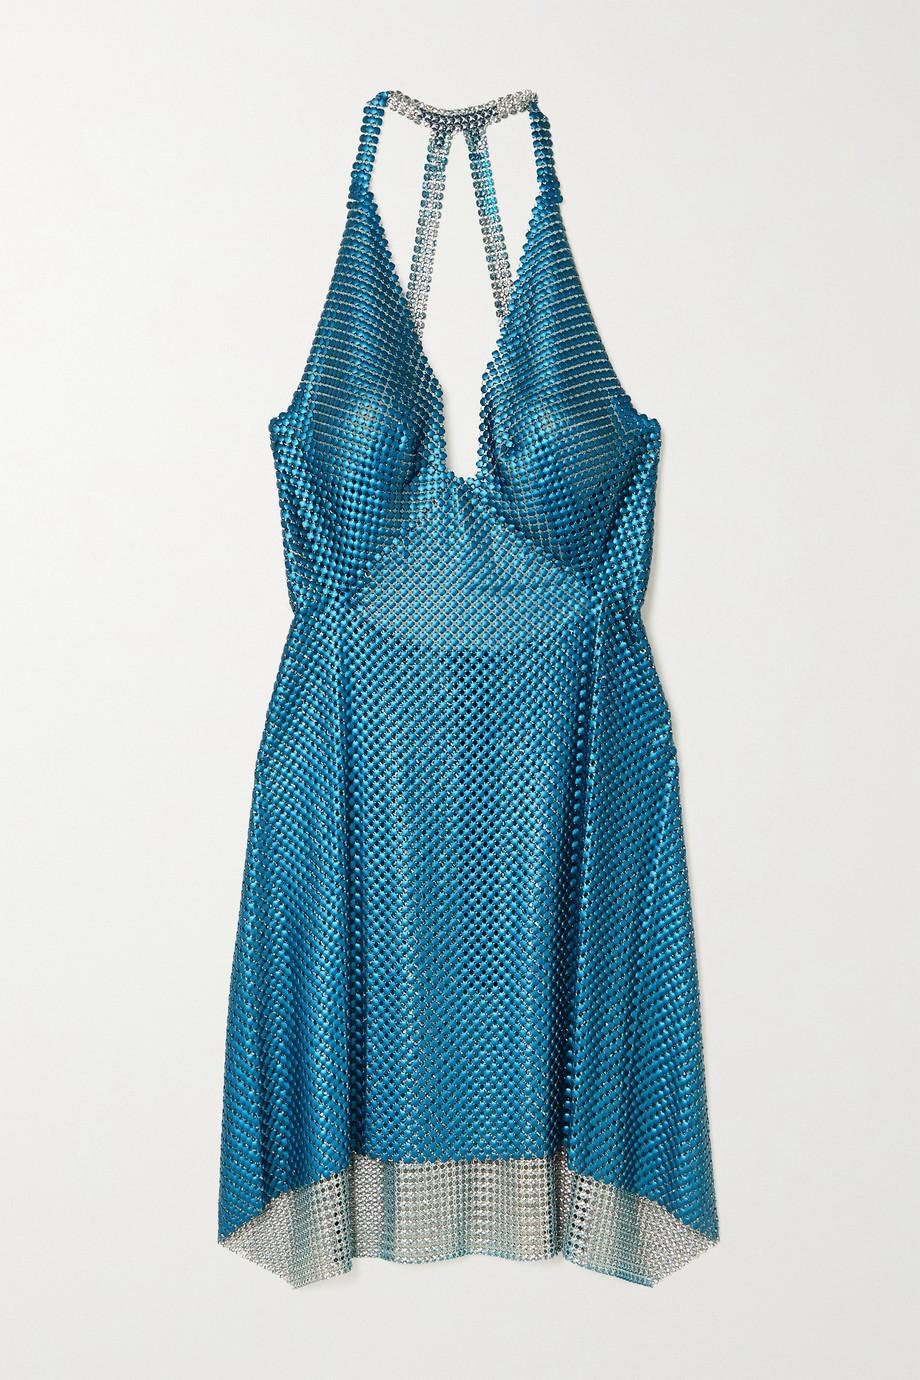 Fannie Schiavoni Mini-robe dos ouvert en cotte de mailles à drapé Tatum